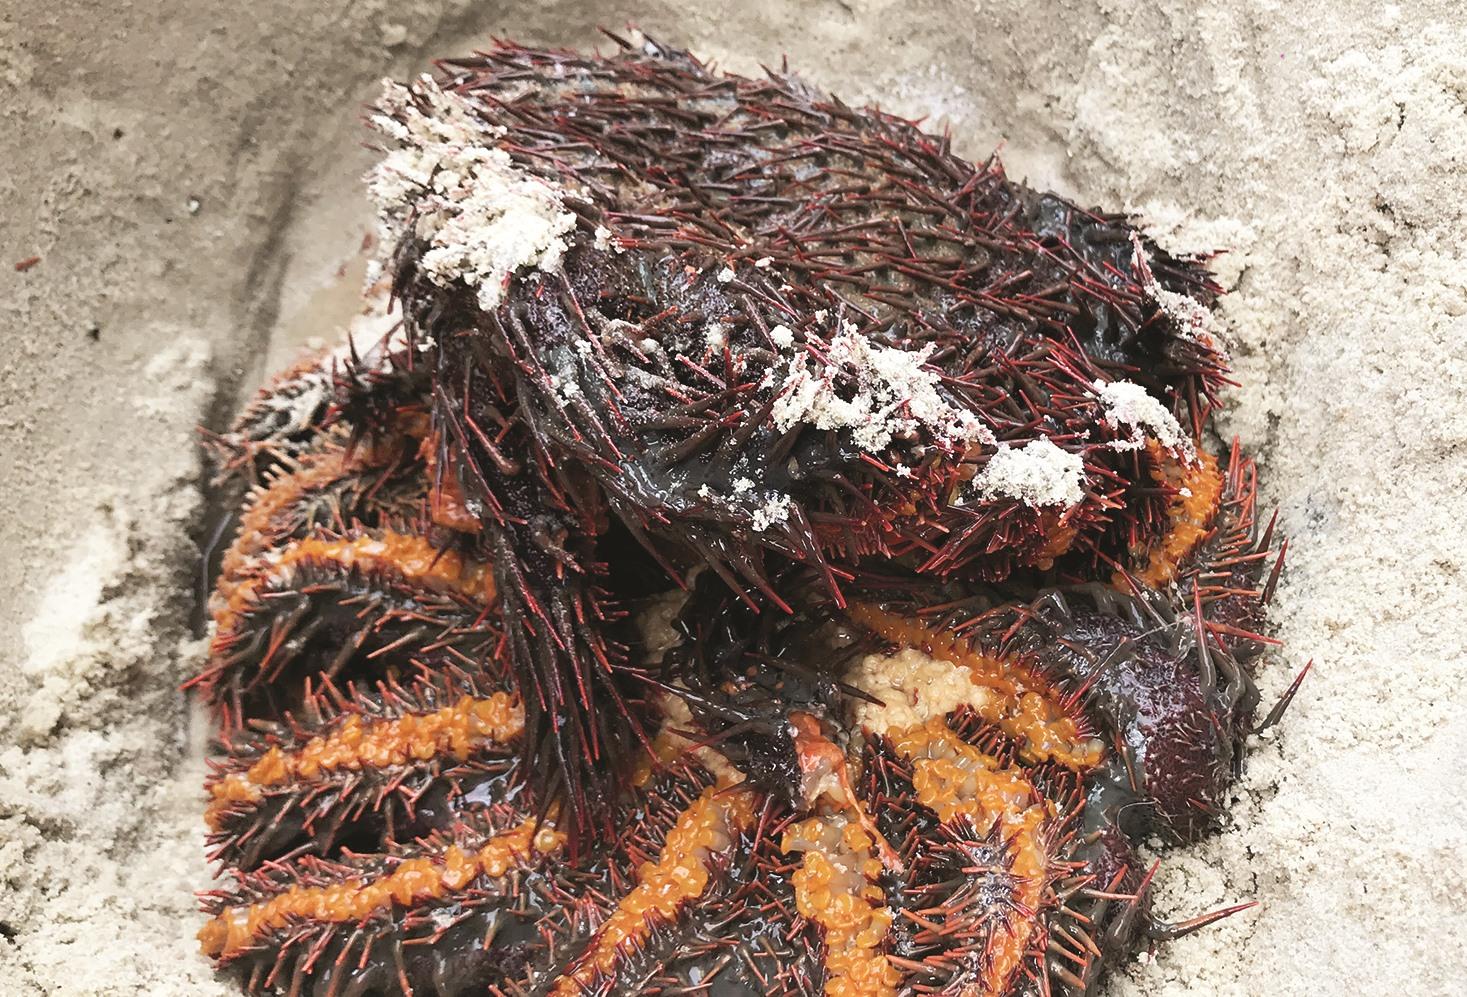 Dùng vôi và axit tiêu khử sao biển gai, nếu để sót chỉ một phần nhỏ thì nó sẽ tự tái sinh và phá hoại san hô.